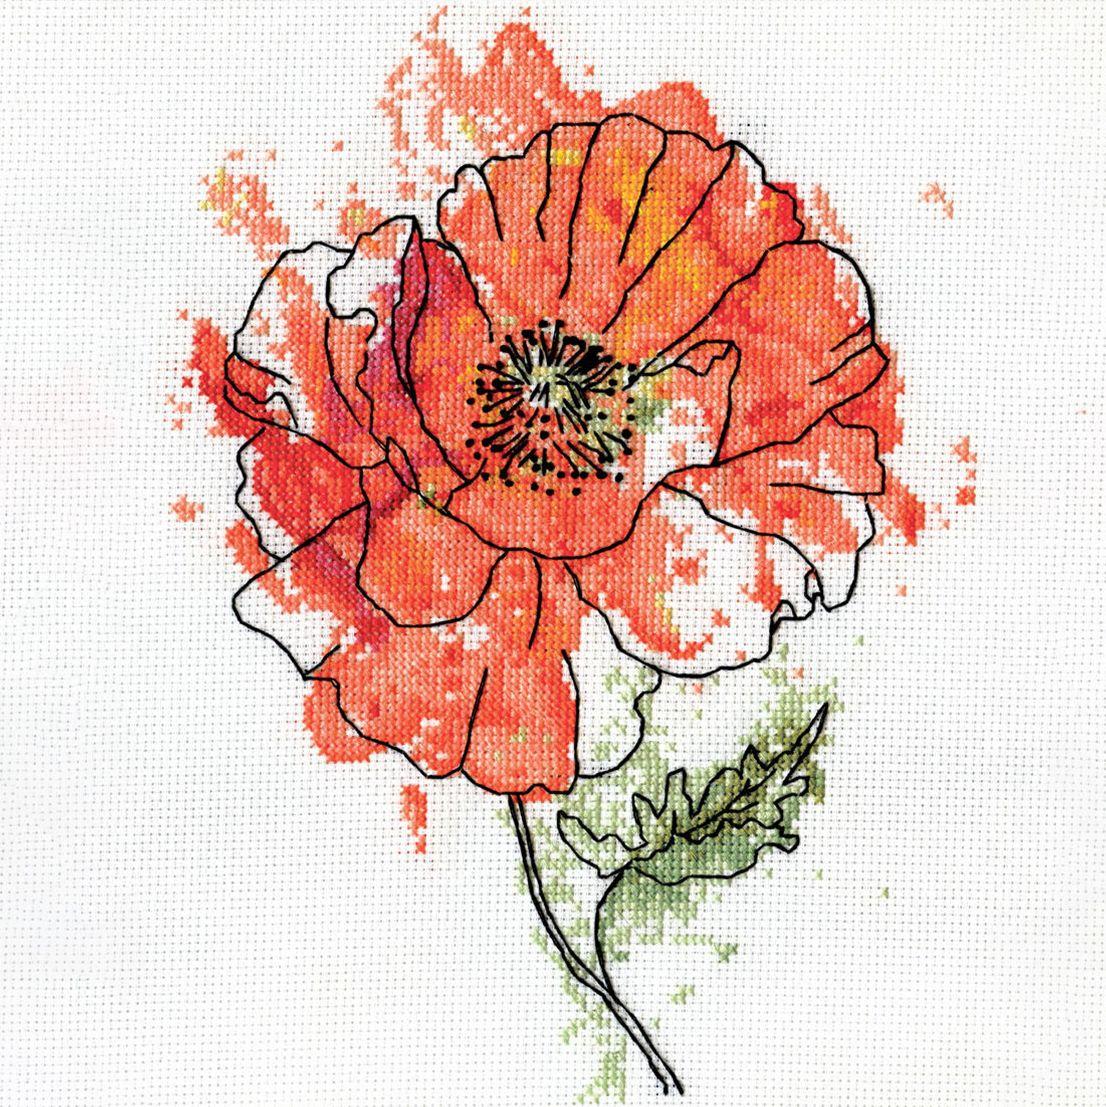 Jetzt Neu Florale Motive Wie Gemalt Stickbilder In Aktueller Watercolor Optik Die Gestickten Kon Gezahlter Kreuzstich Kreuzstichblumen Kreuzstichmuster